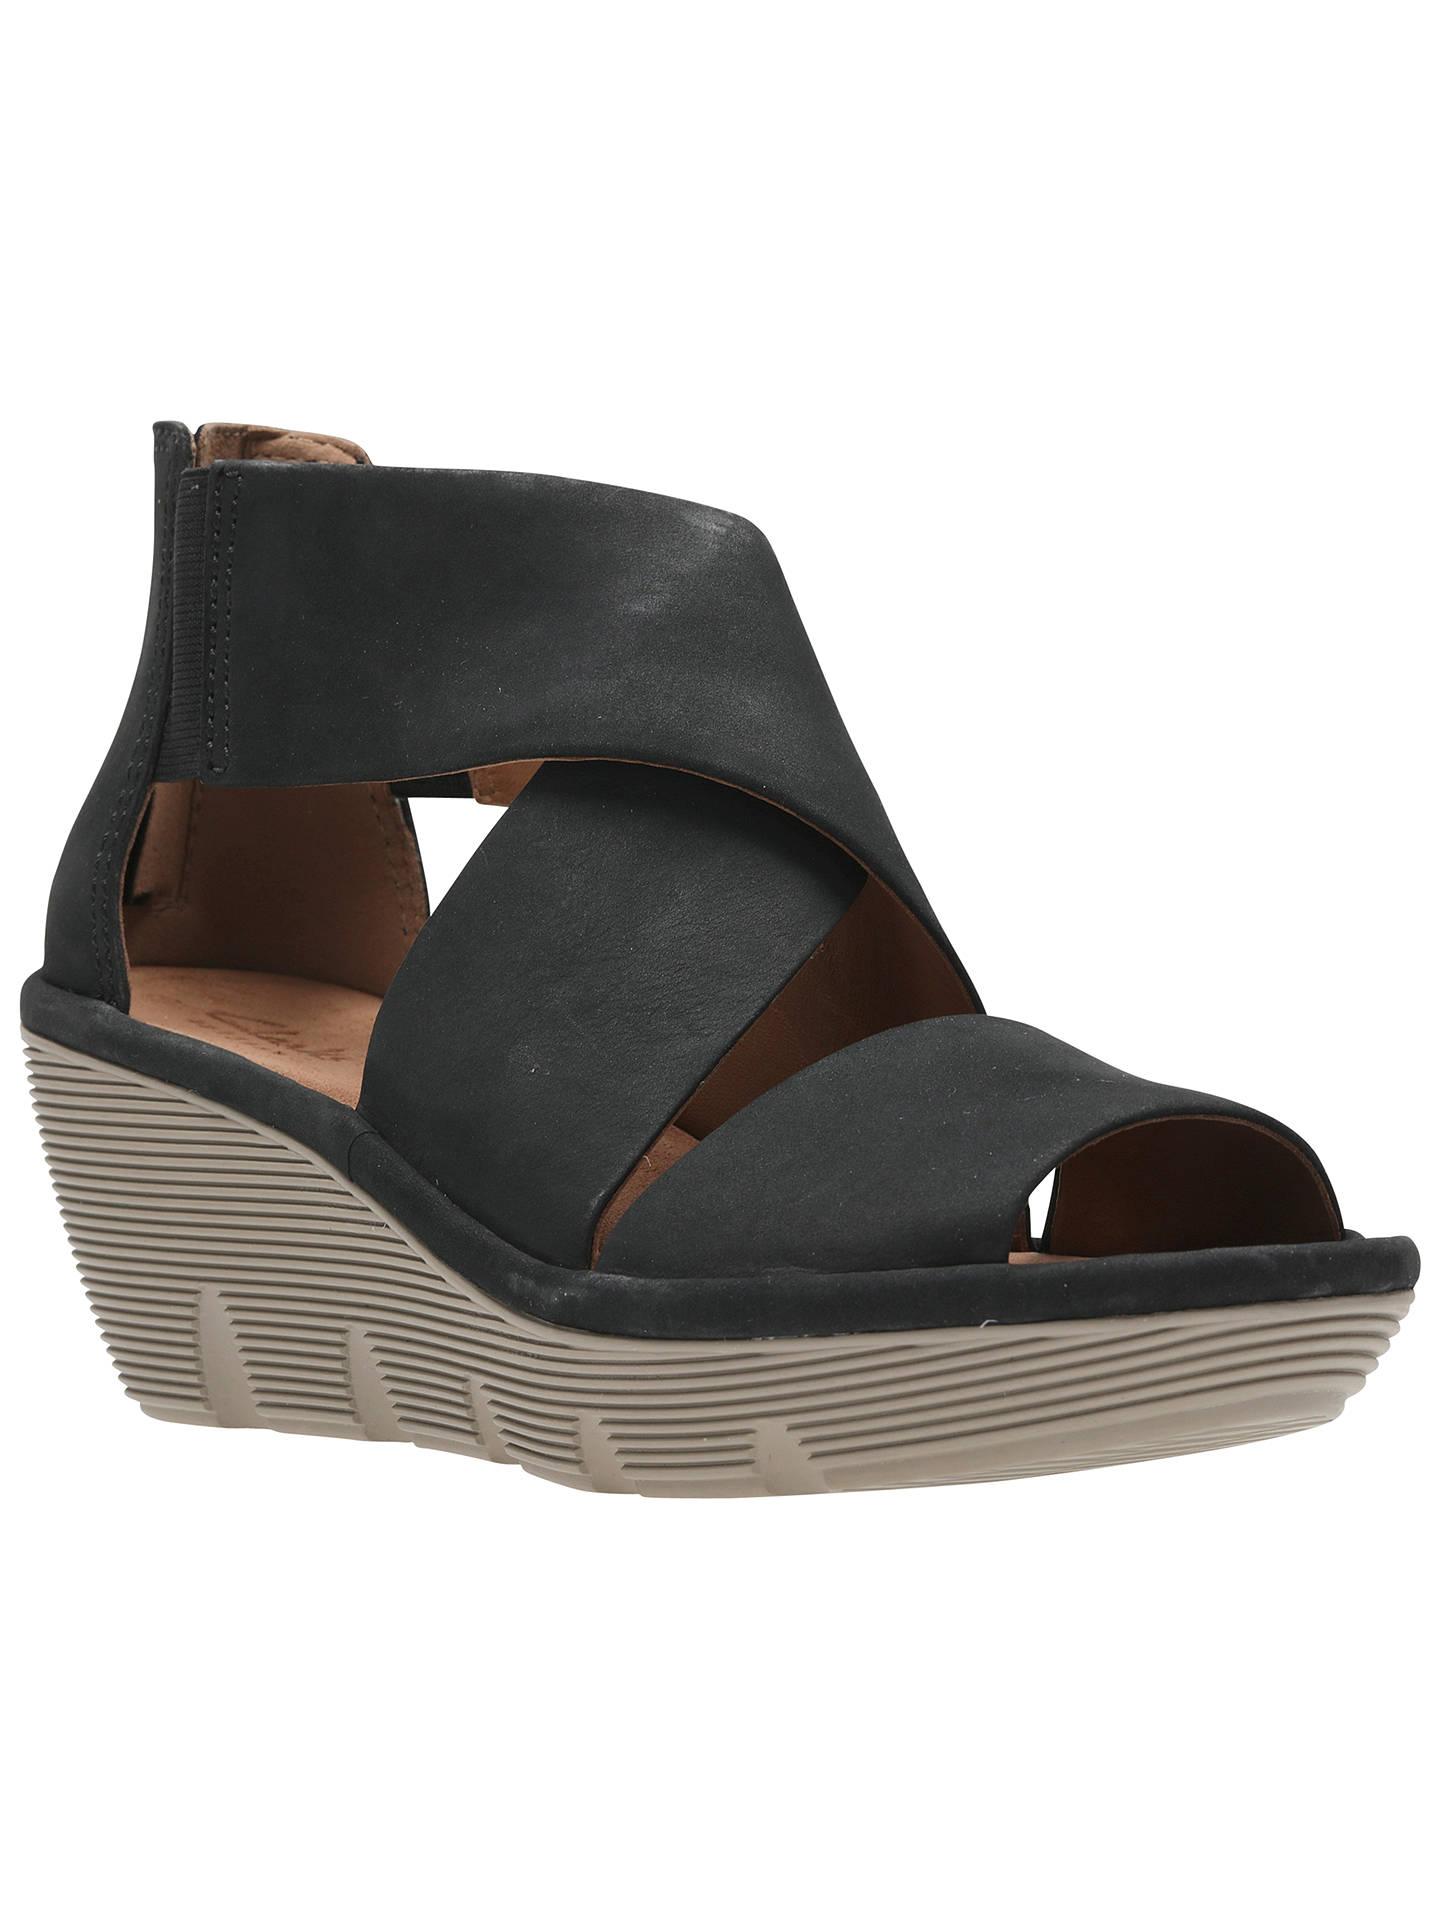 e4ed7c3466d5 Buy Clarks Clarene Glamor Wedge Heeled Sandals